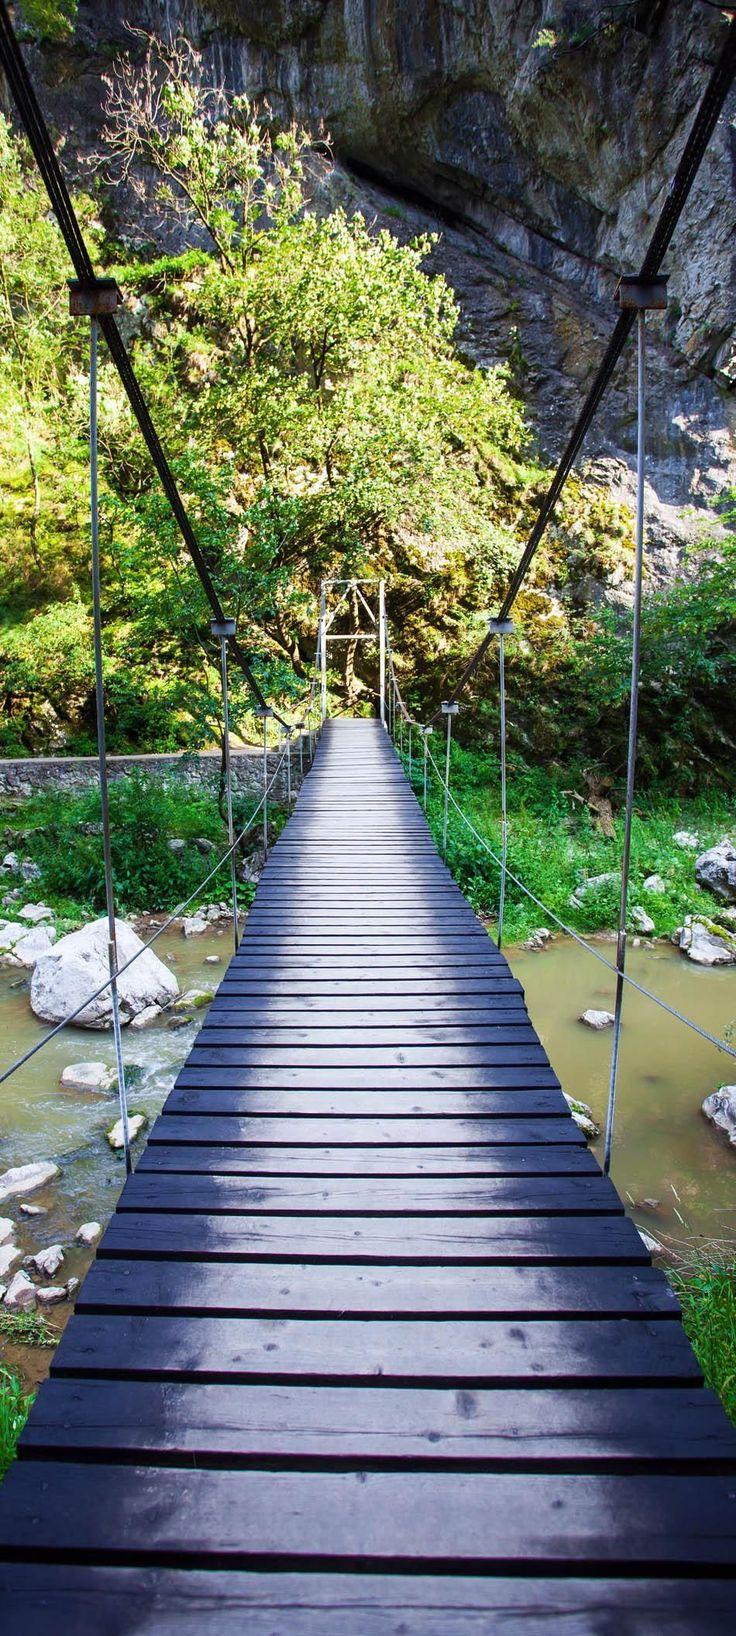 Suspended bridge in Turda Gorges National Park, Transylvania - Romania…